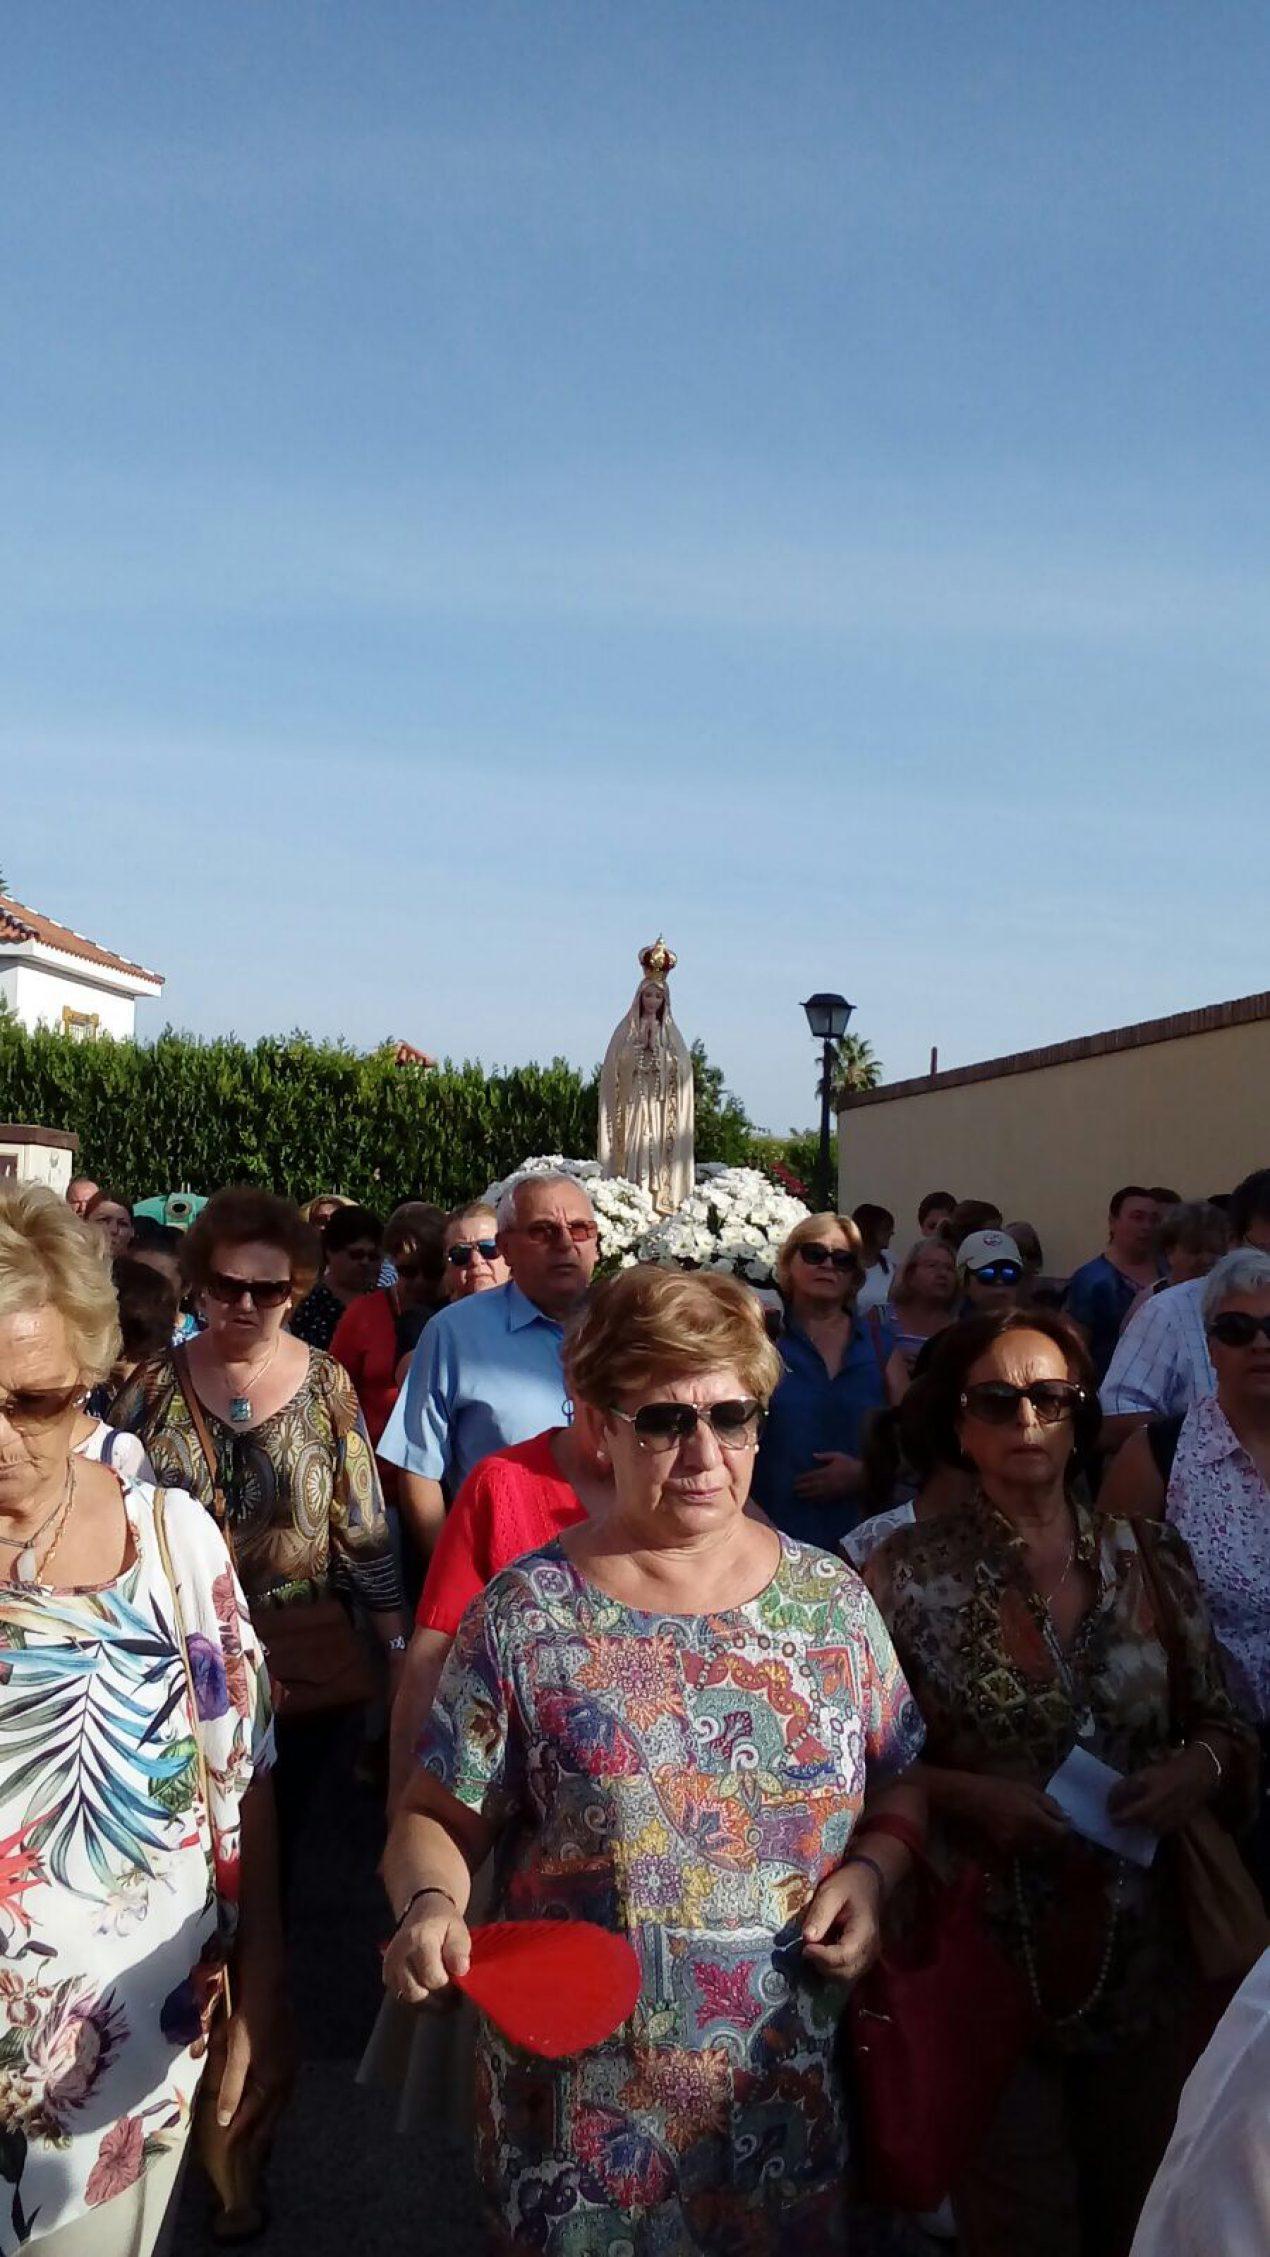 Peregrinación del arciprestazgo de Castilleja de la Cuesta con la imagen de la Virgen de Fátima